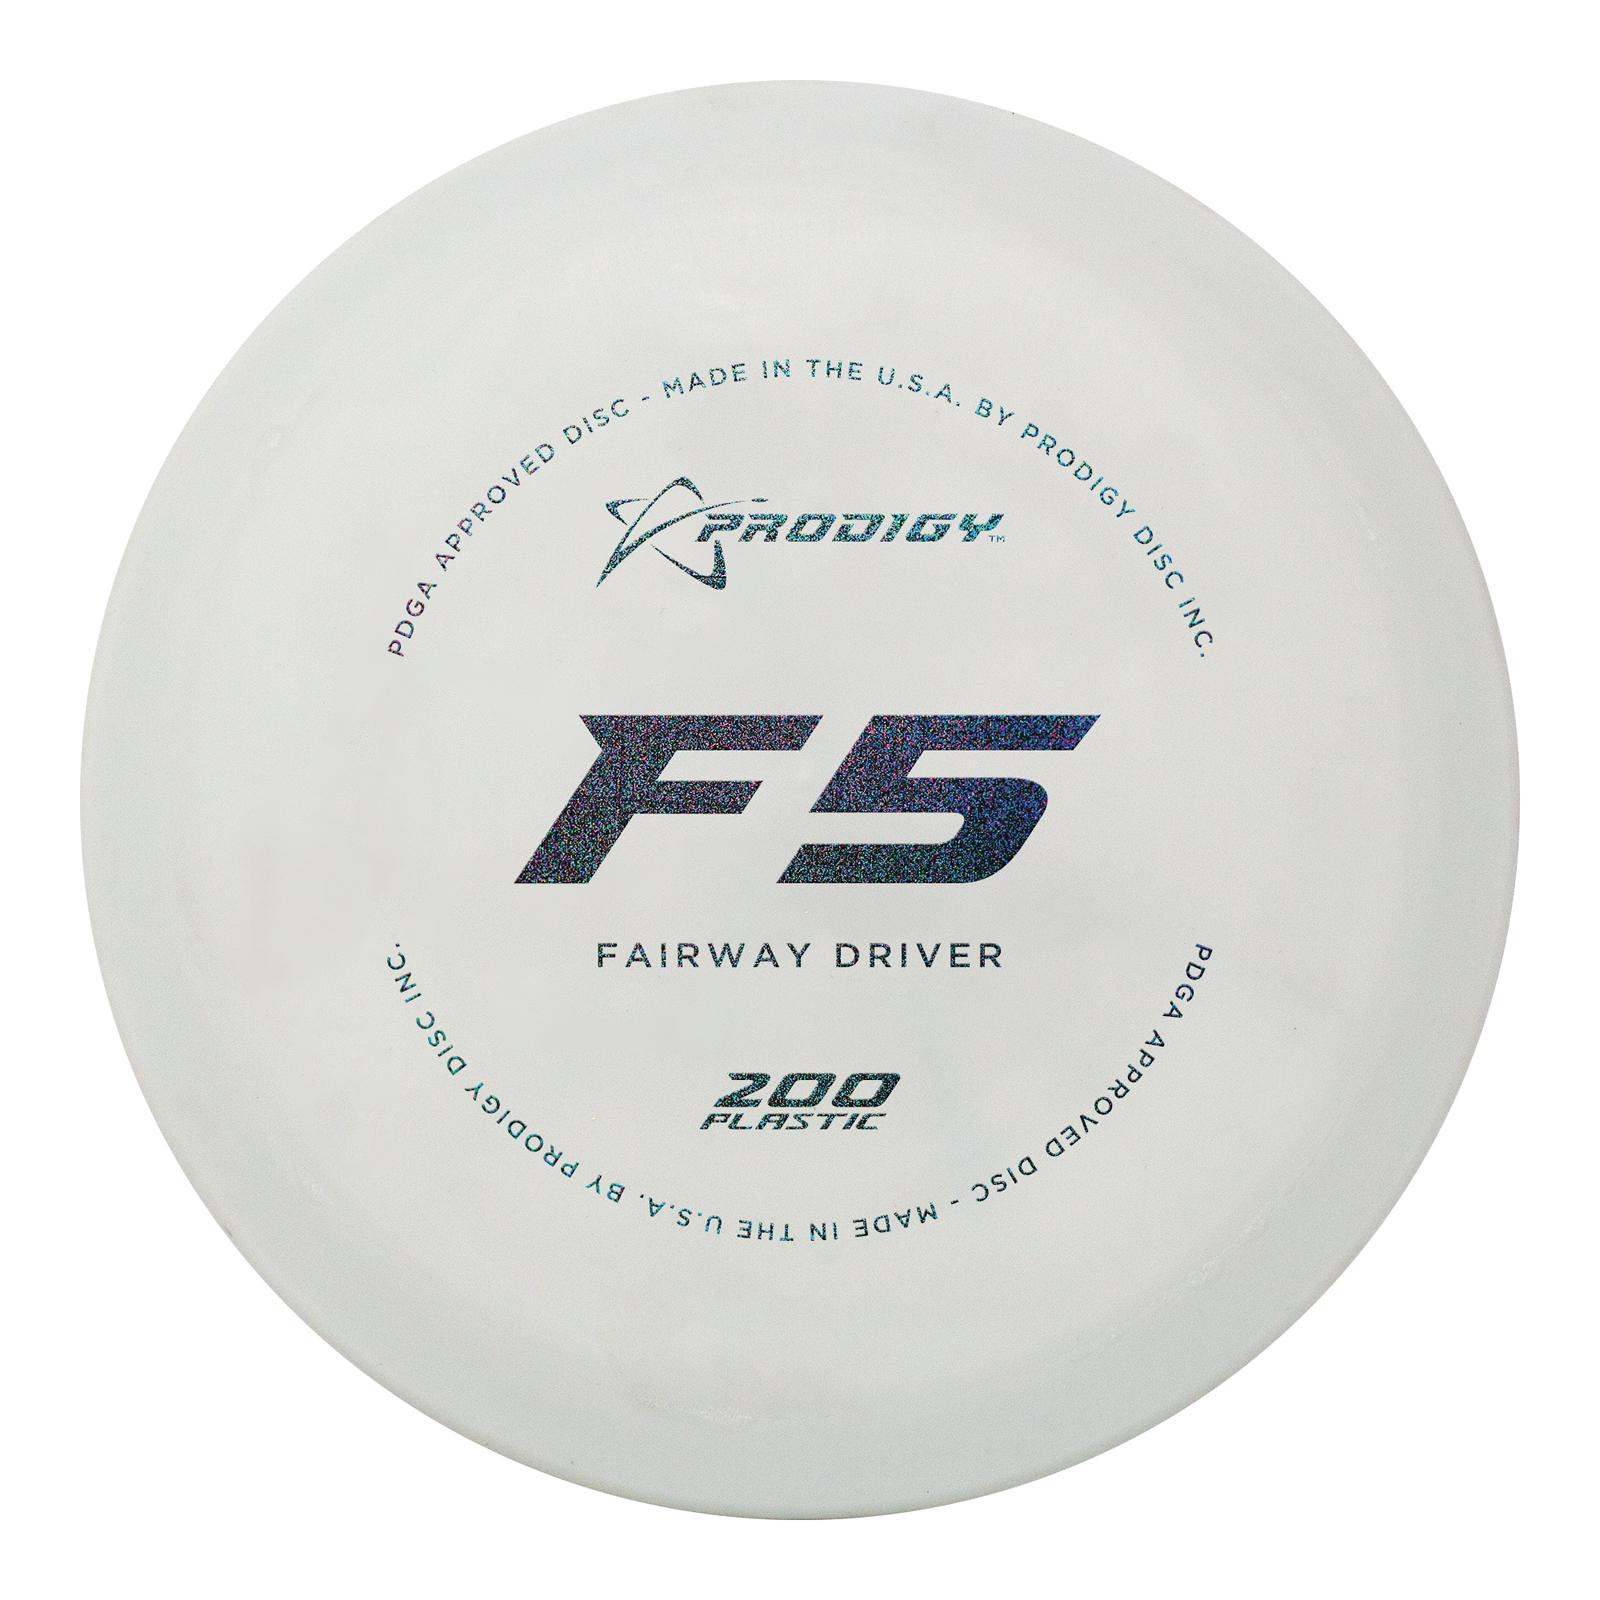 F5 - 200 PLASTIC